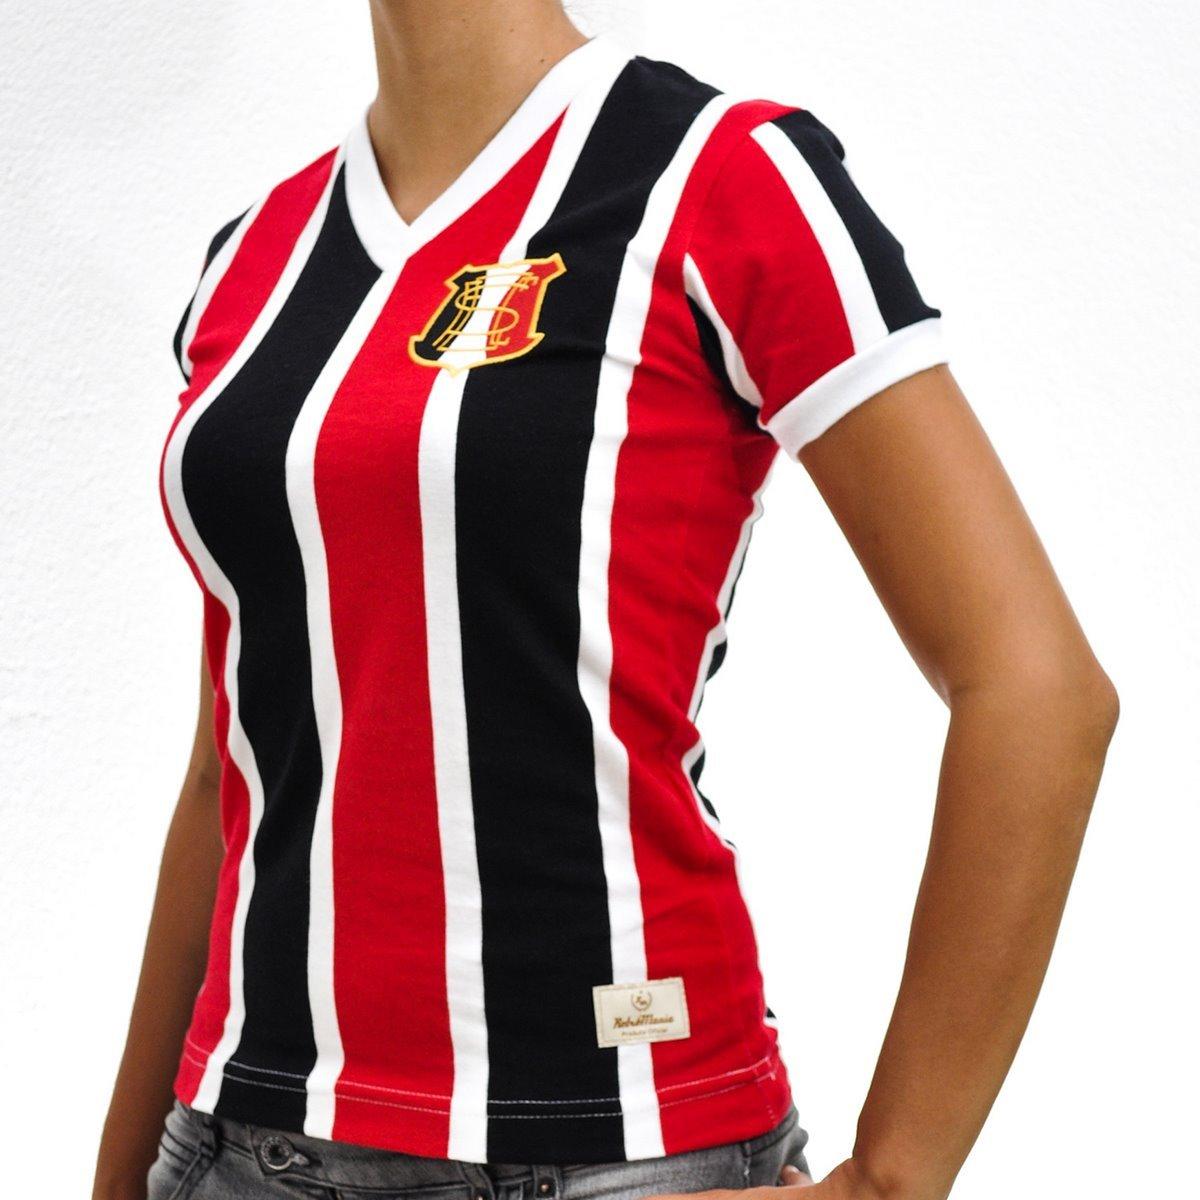 Preto Cruz Retrô Mania e Santa 1983 Camisa Feminina PE Vermelho Idq7xw0